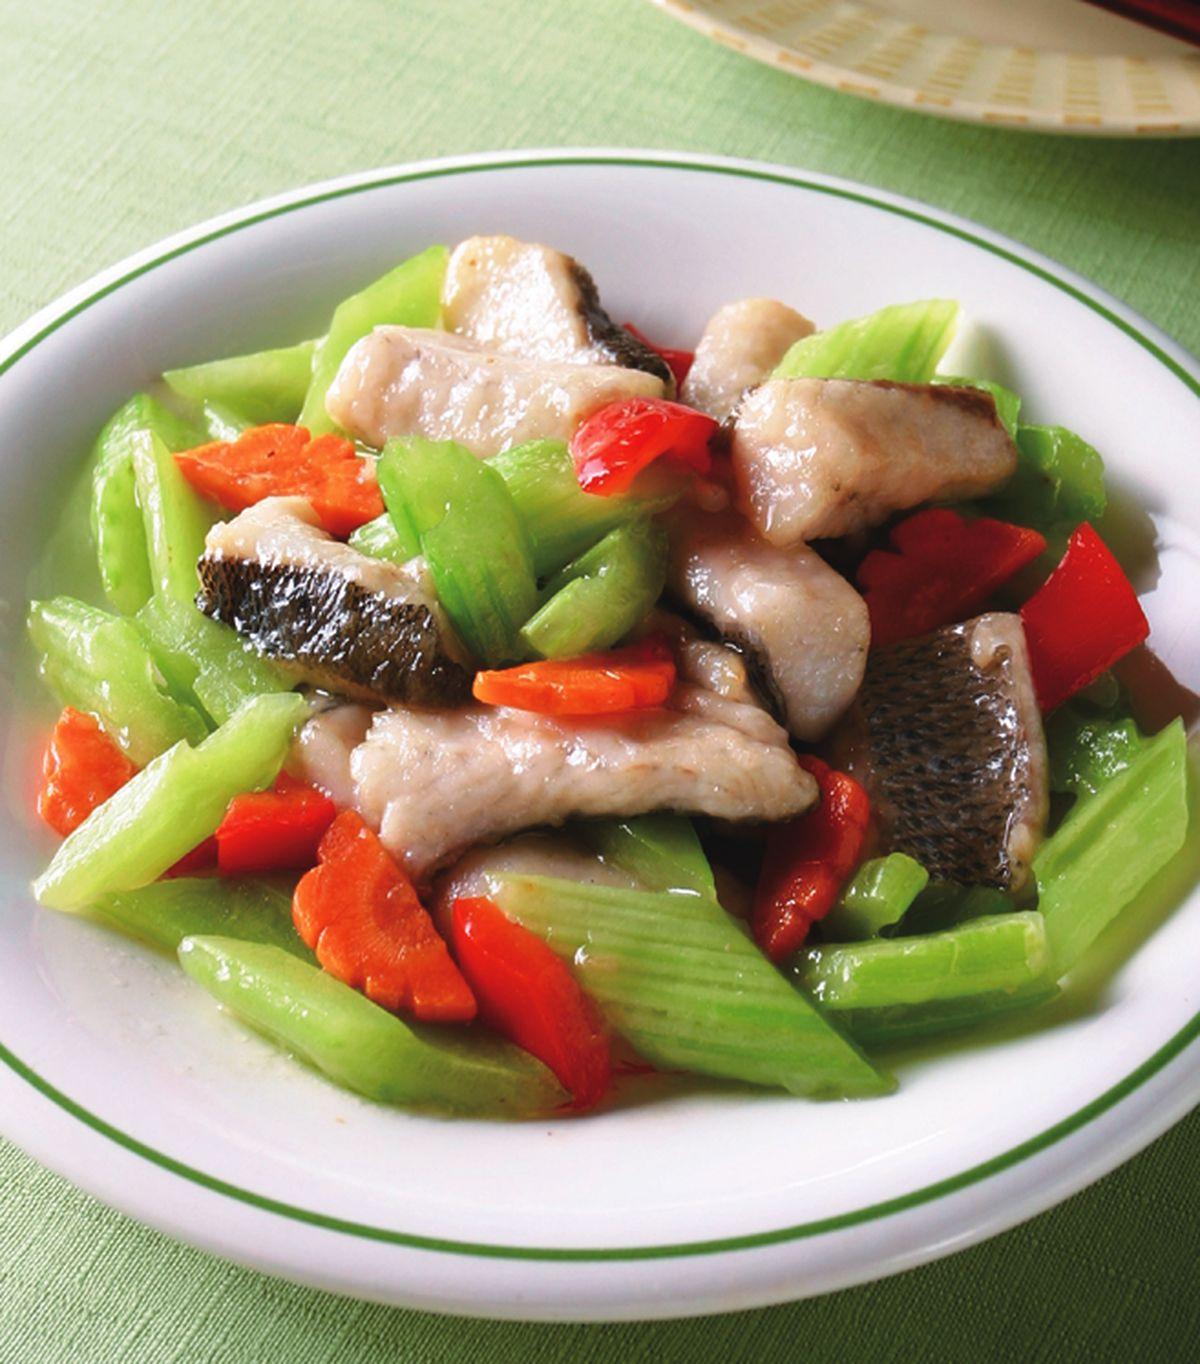 食譜:碧綠炒魚塊